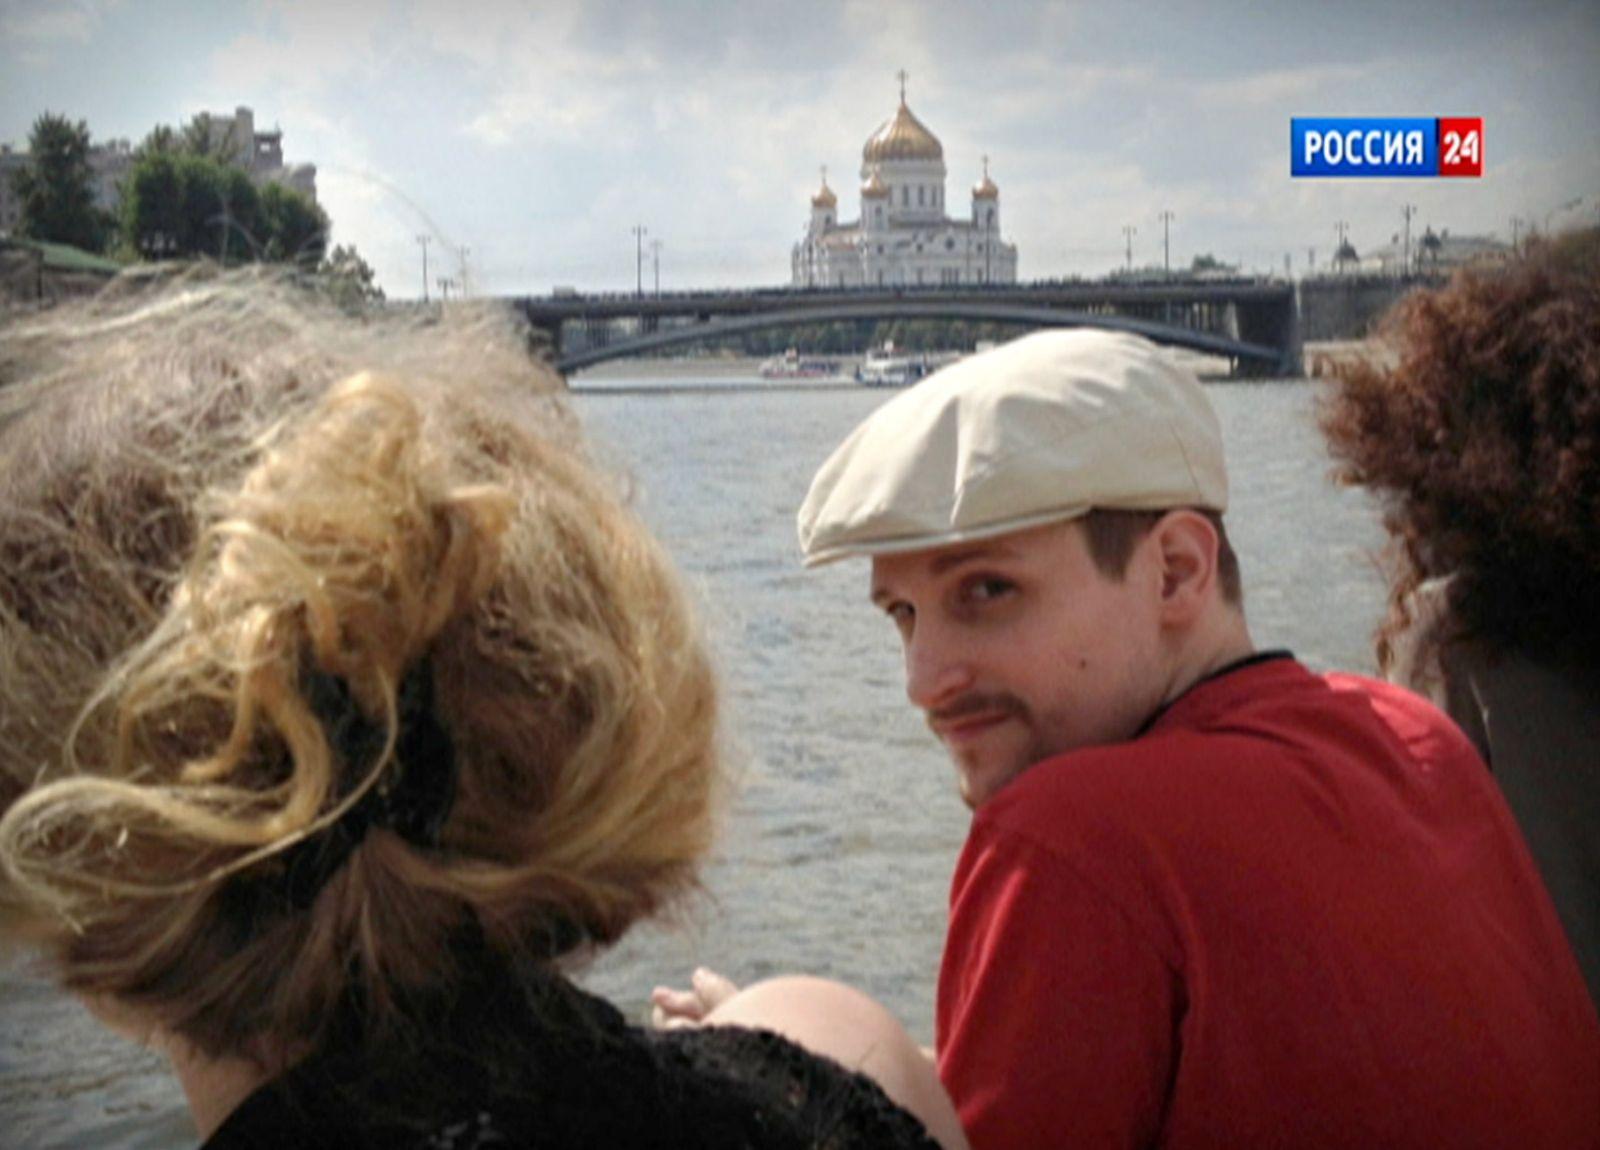 Snowden / Moskau